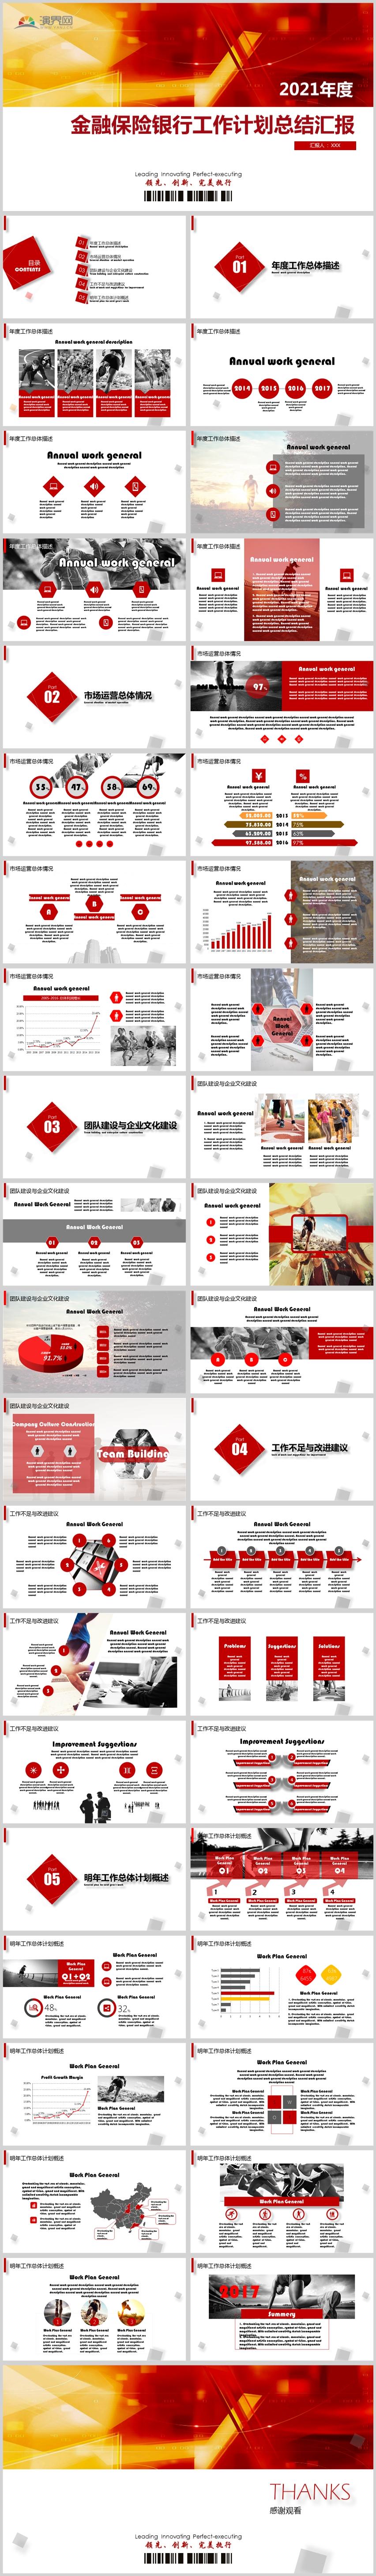 金融保險銀行工作計劃總結匯報PPT模板